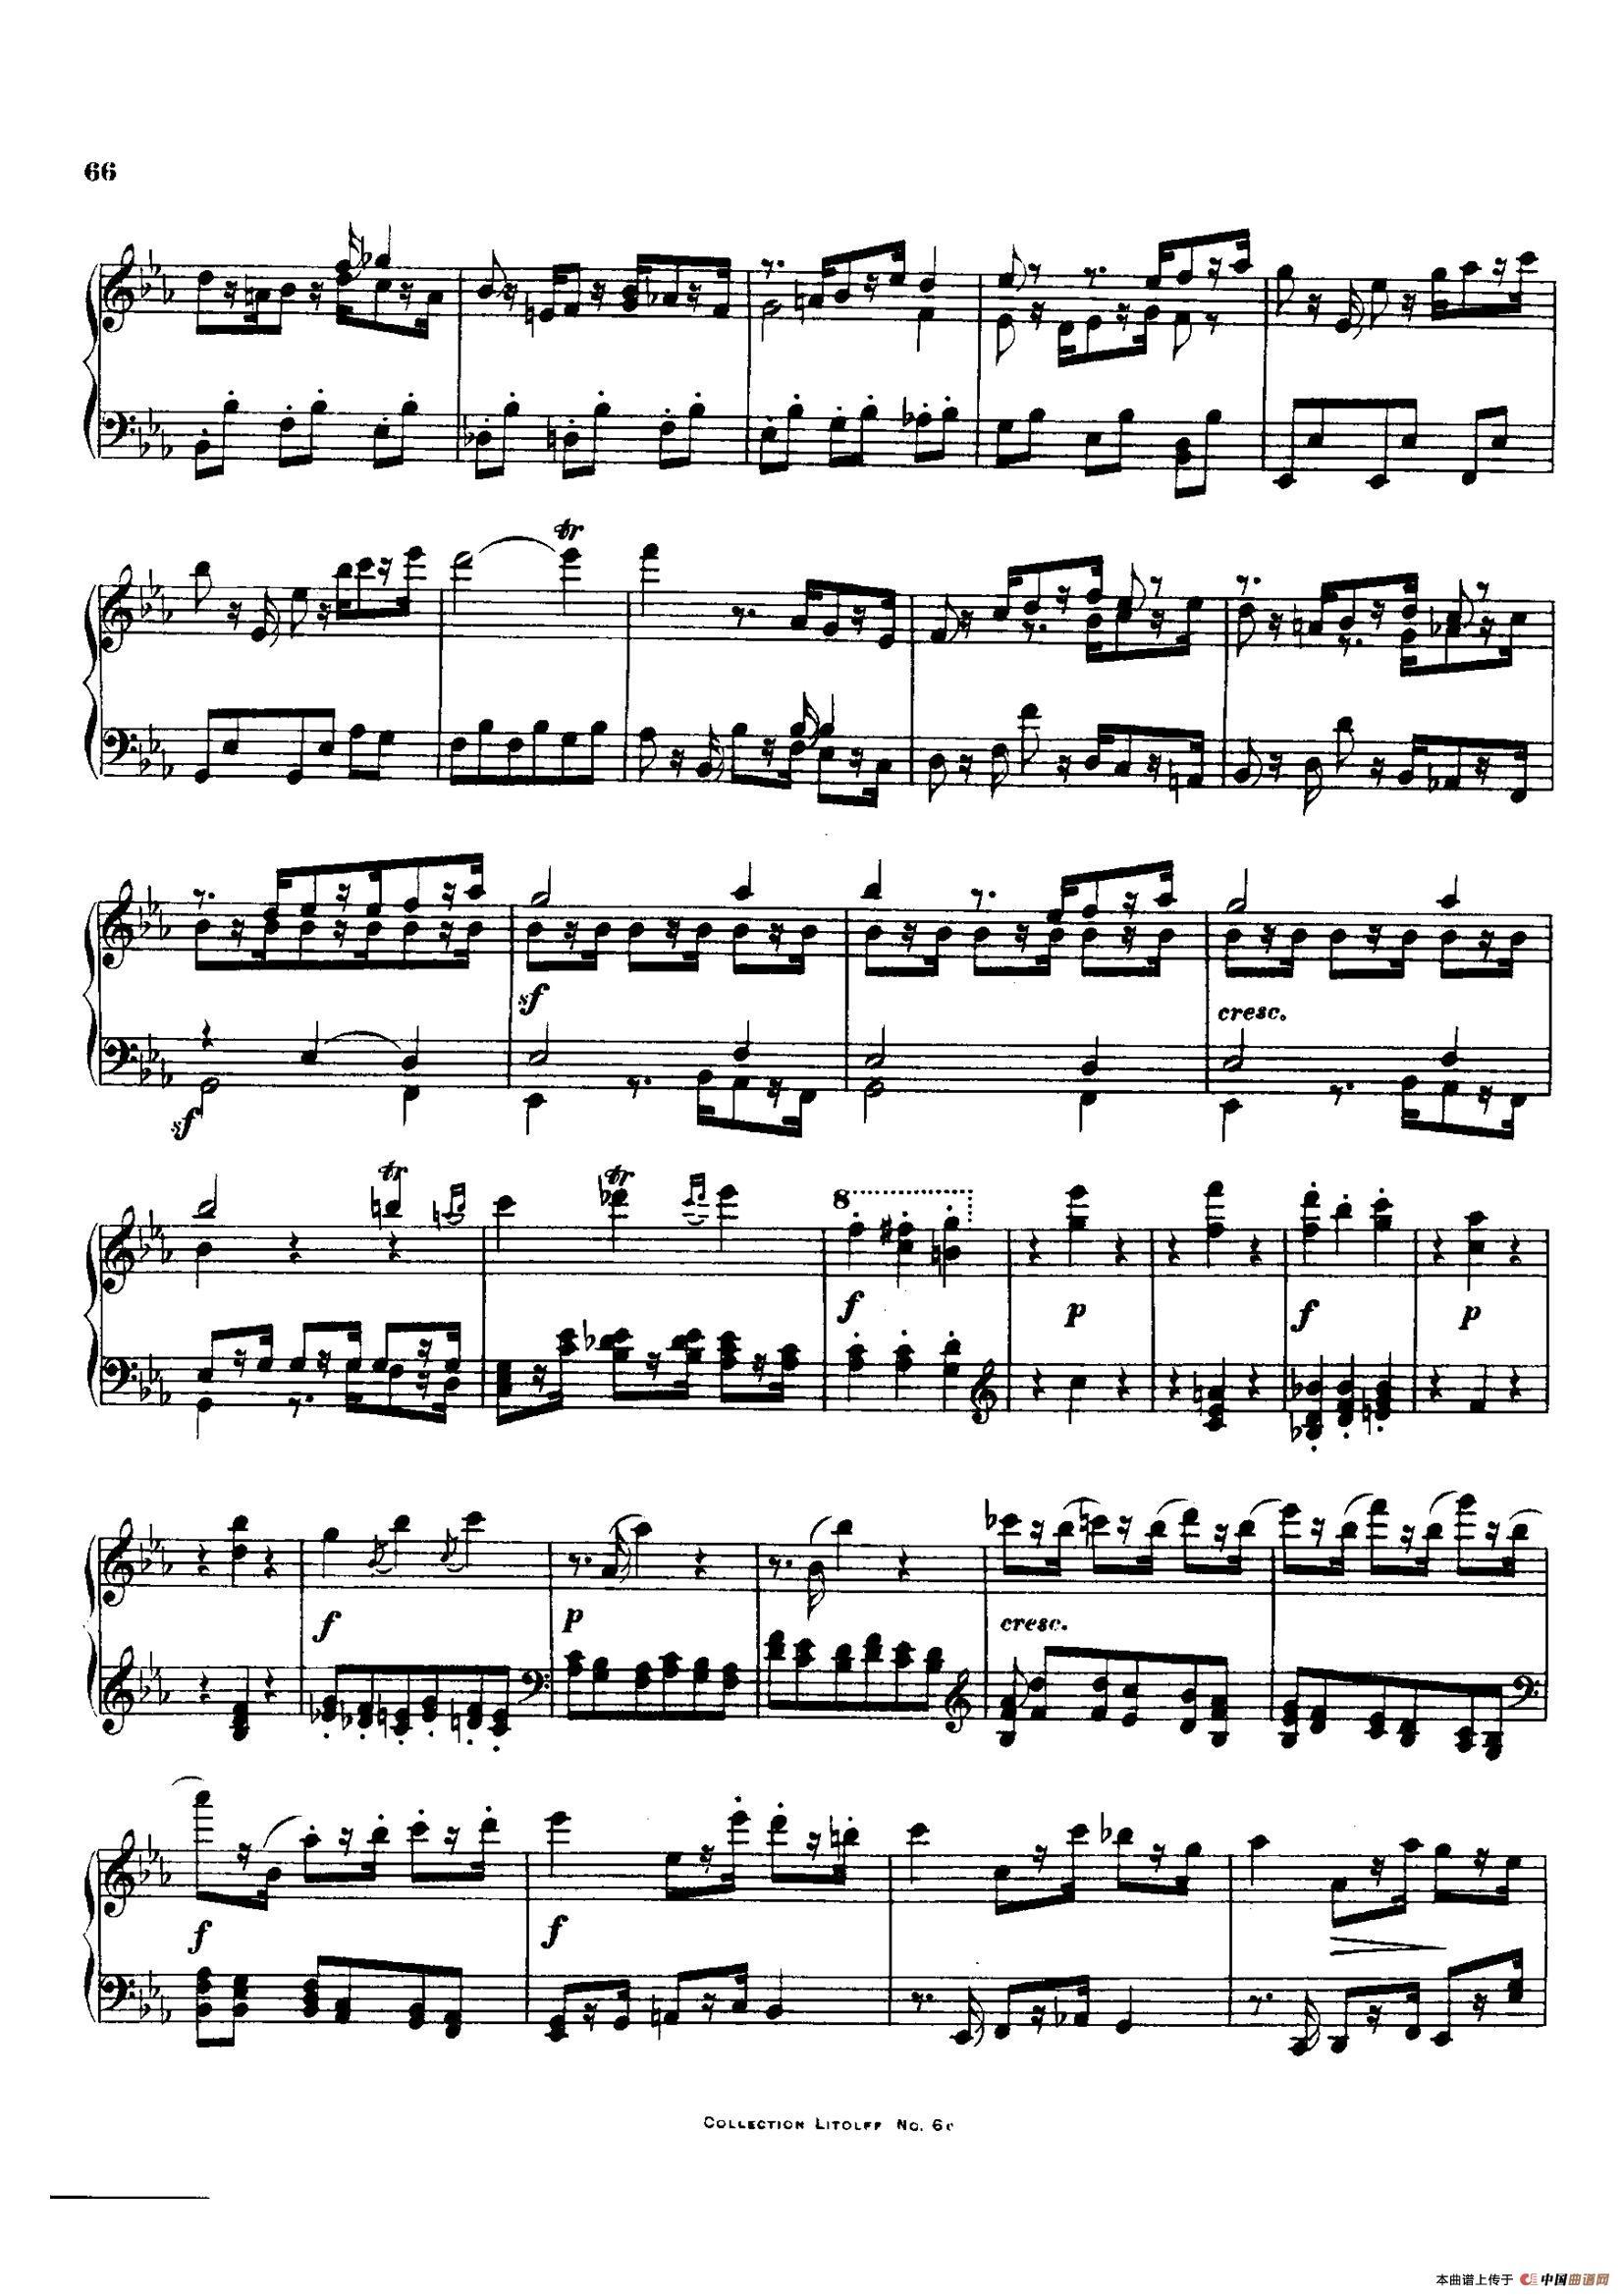 降E大调第十二弦乐四重奏(钢琴独奏版)(1)_原文件名:021.jpg